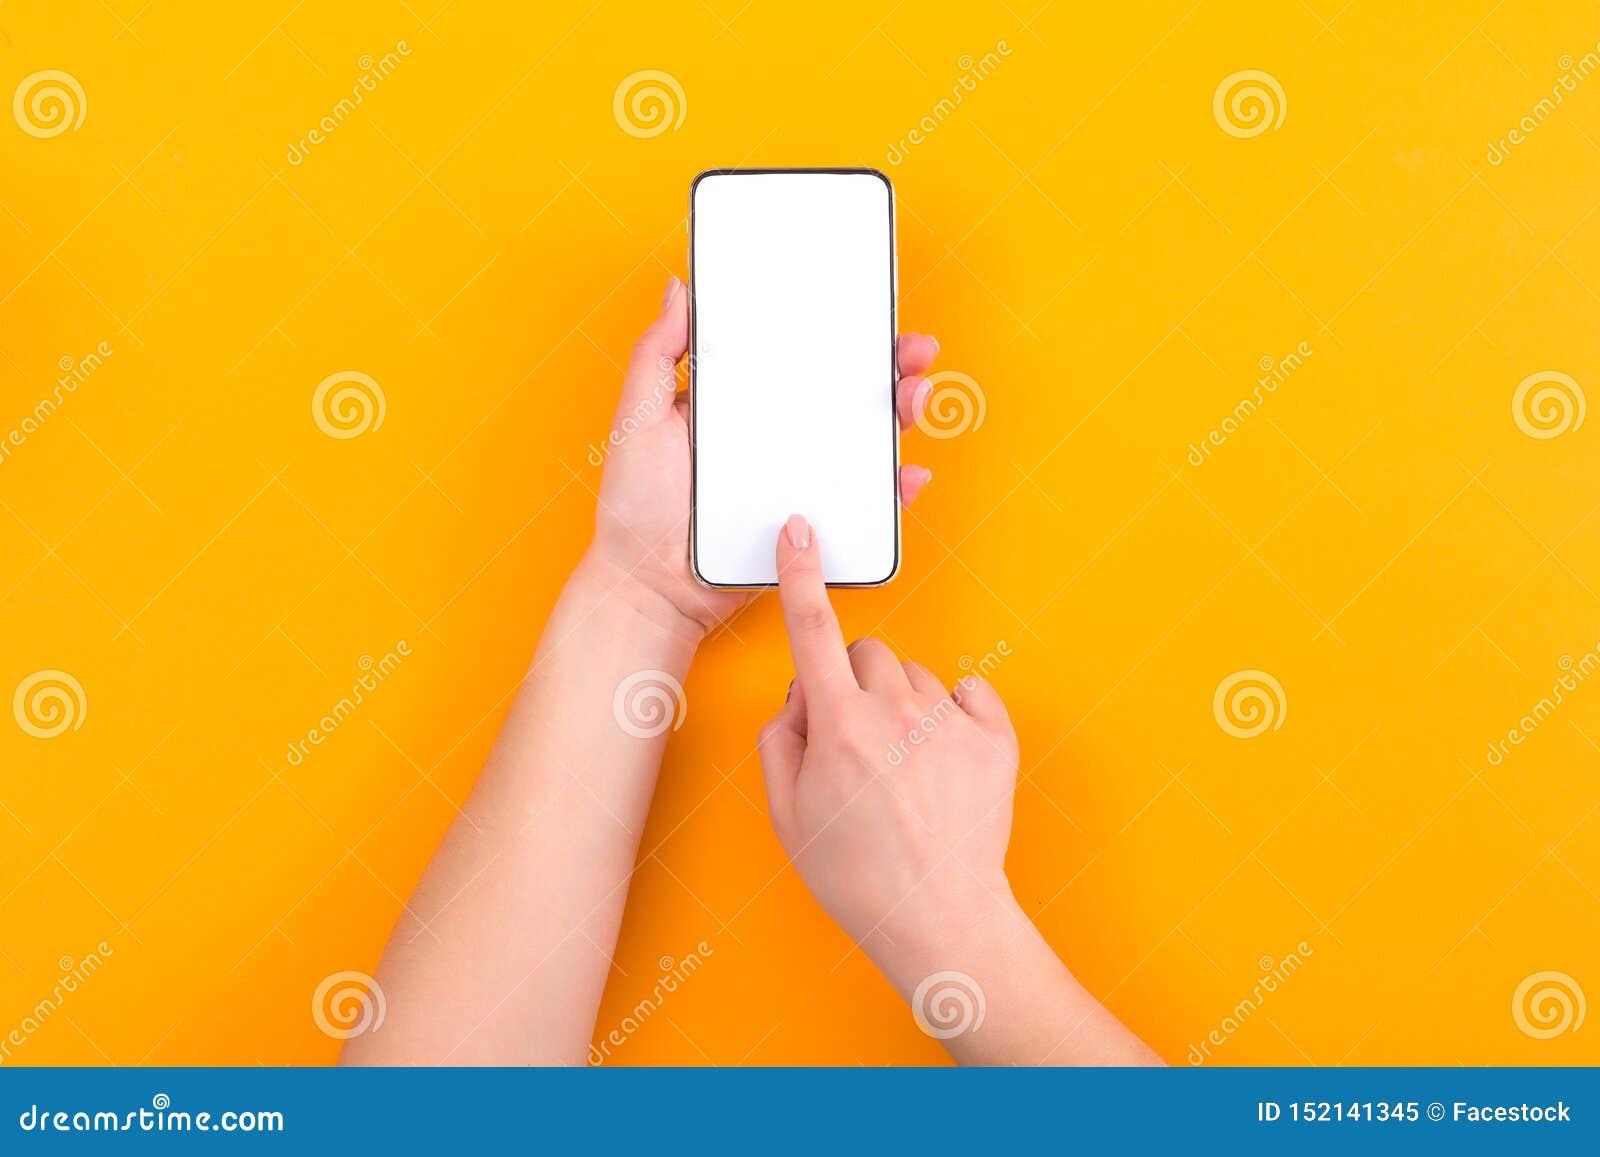 Γυναίκα που χρησιμοποιεί το smartphone με την κενή οθόνη στο πορτοκαλί υπόβαθρο r